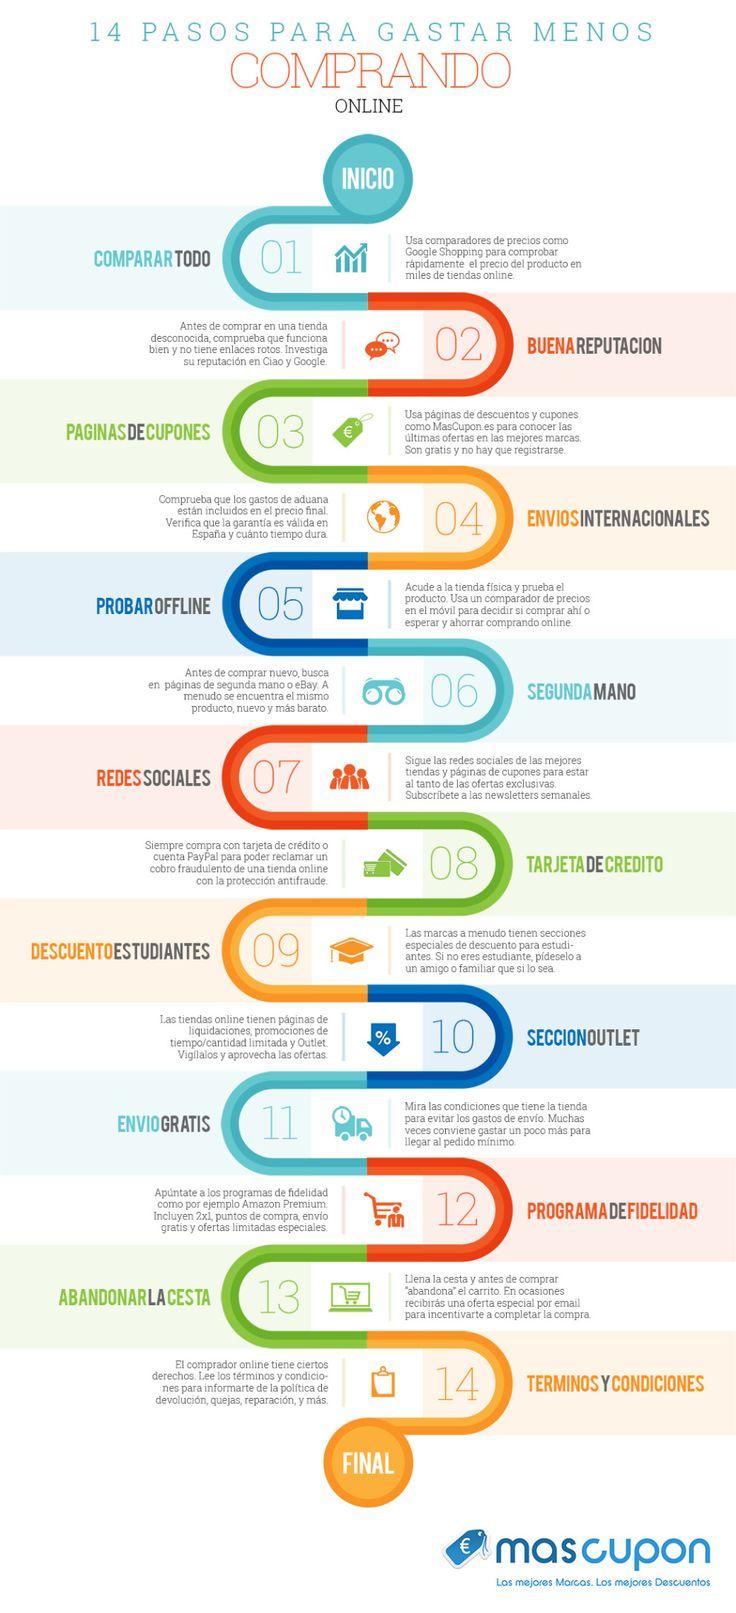 14 pasos para gastar menos comprando online #infografia